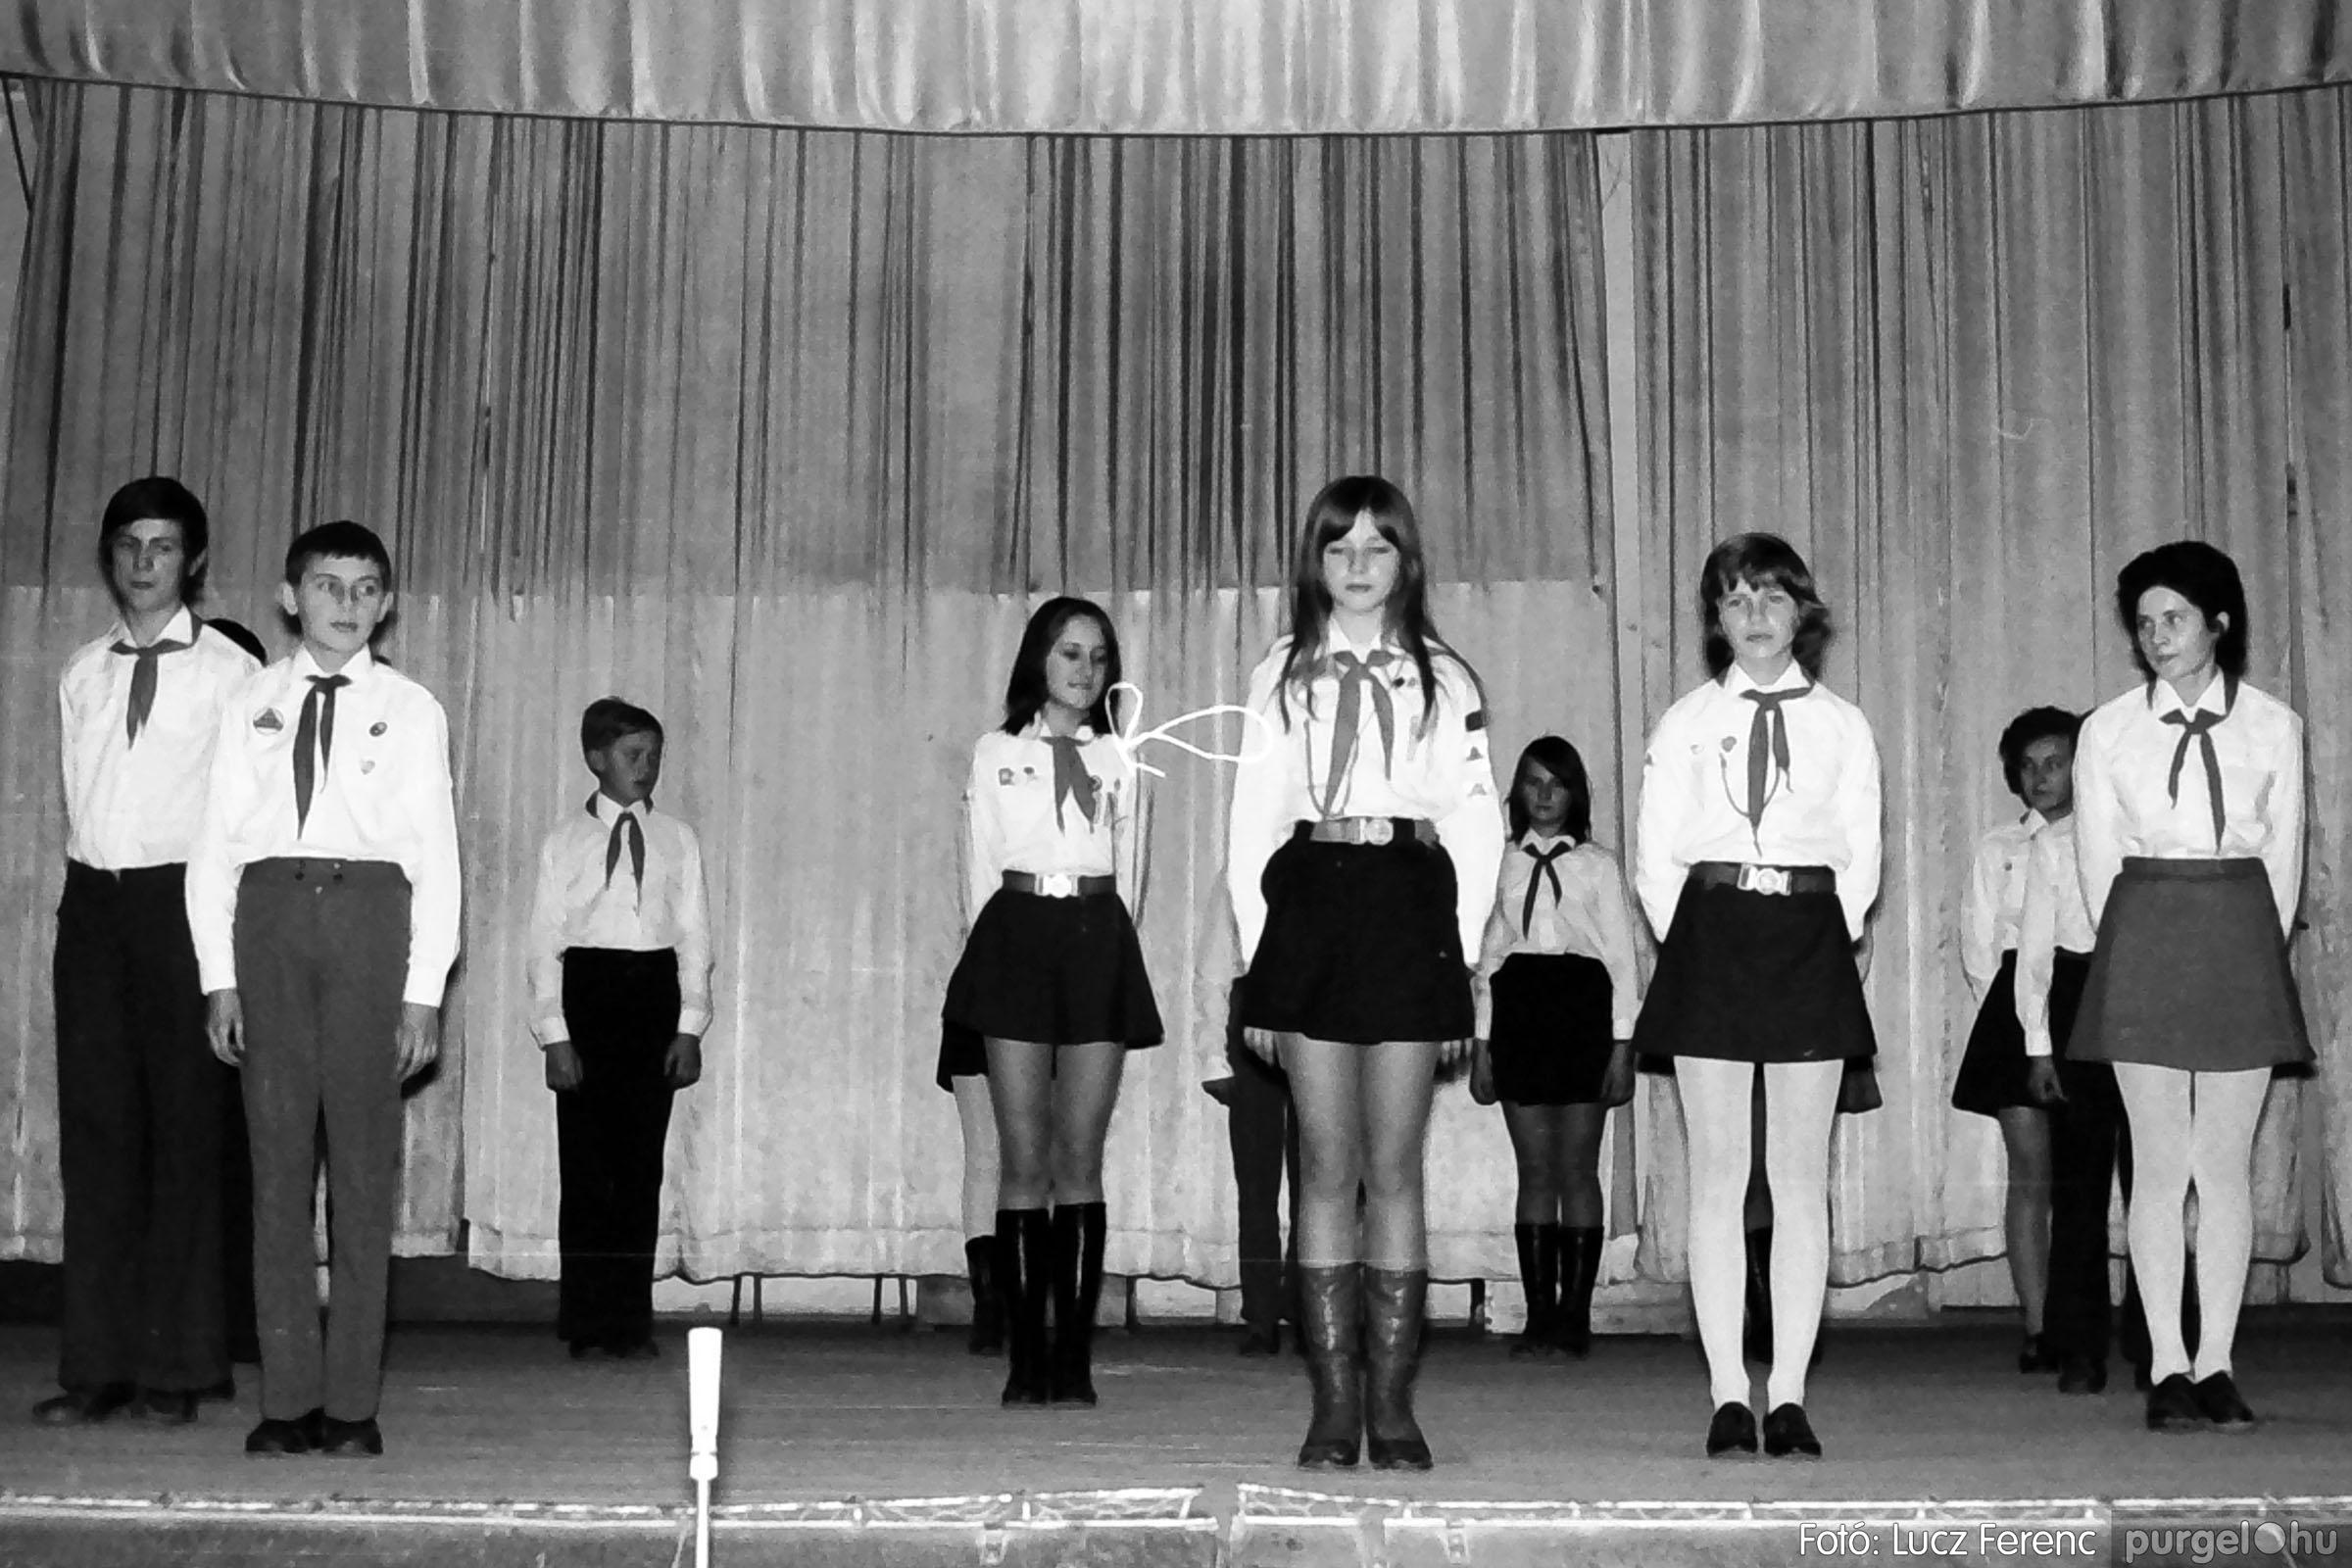 033. 1976. Diákrendezvény a kultúrházban 017 - Fotó: Lucz Ferenc.jpg